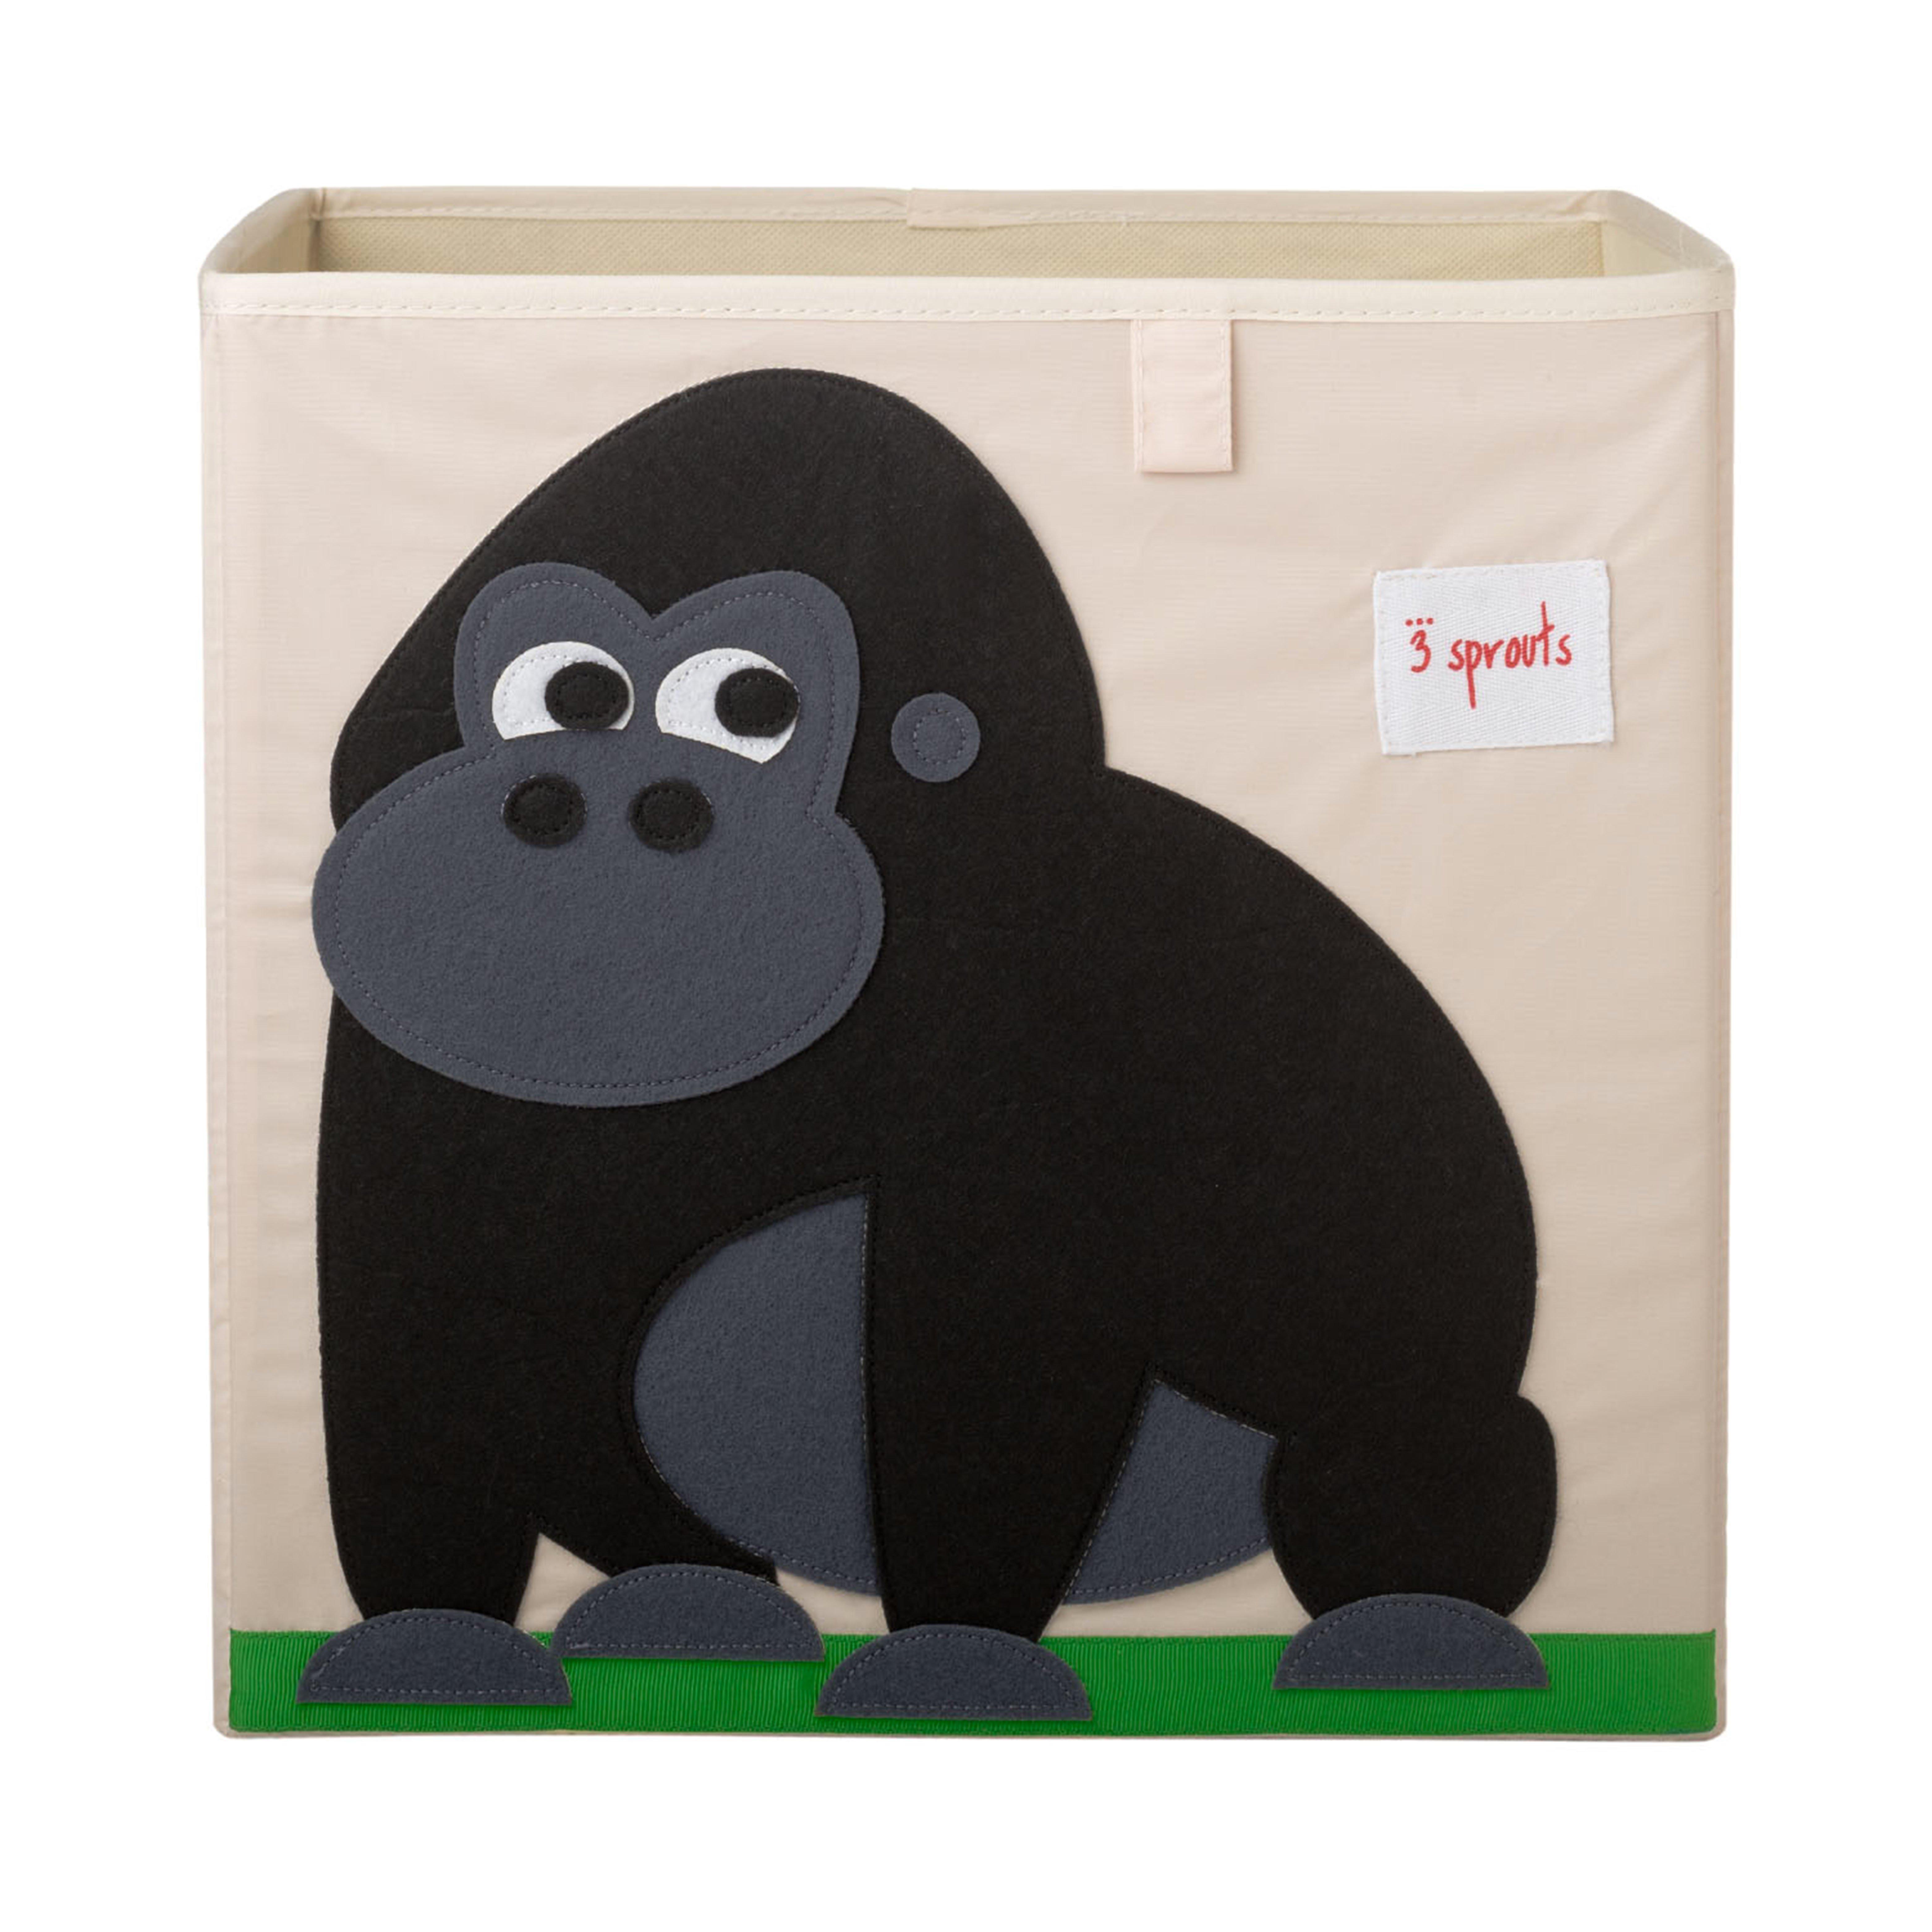 3 Sprouts - Storage Box - Black Gorilla